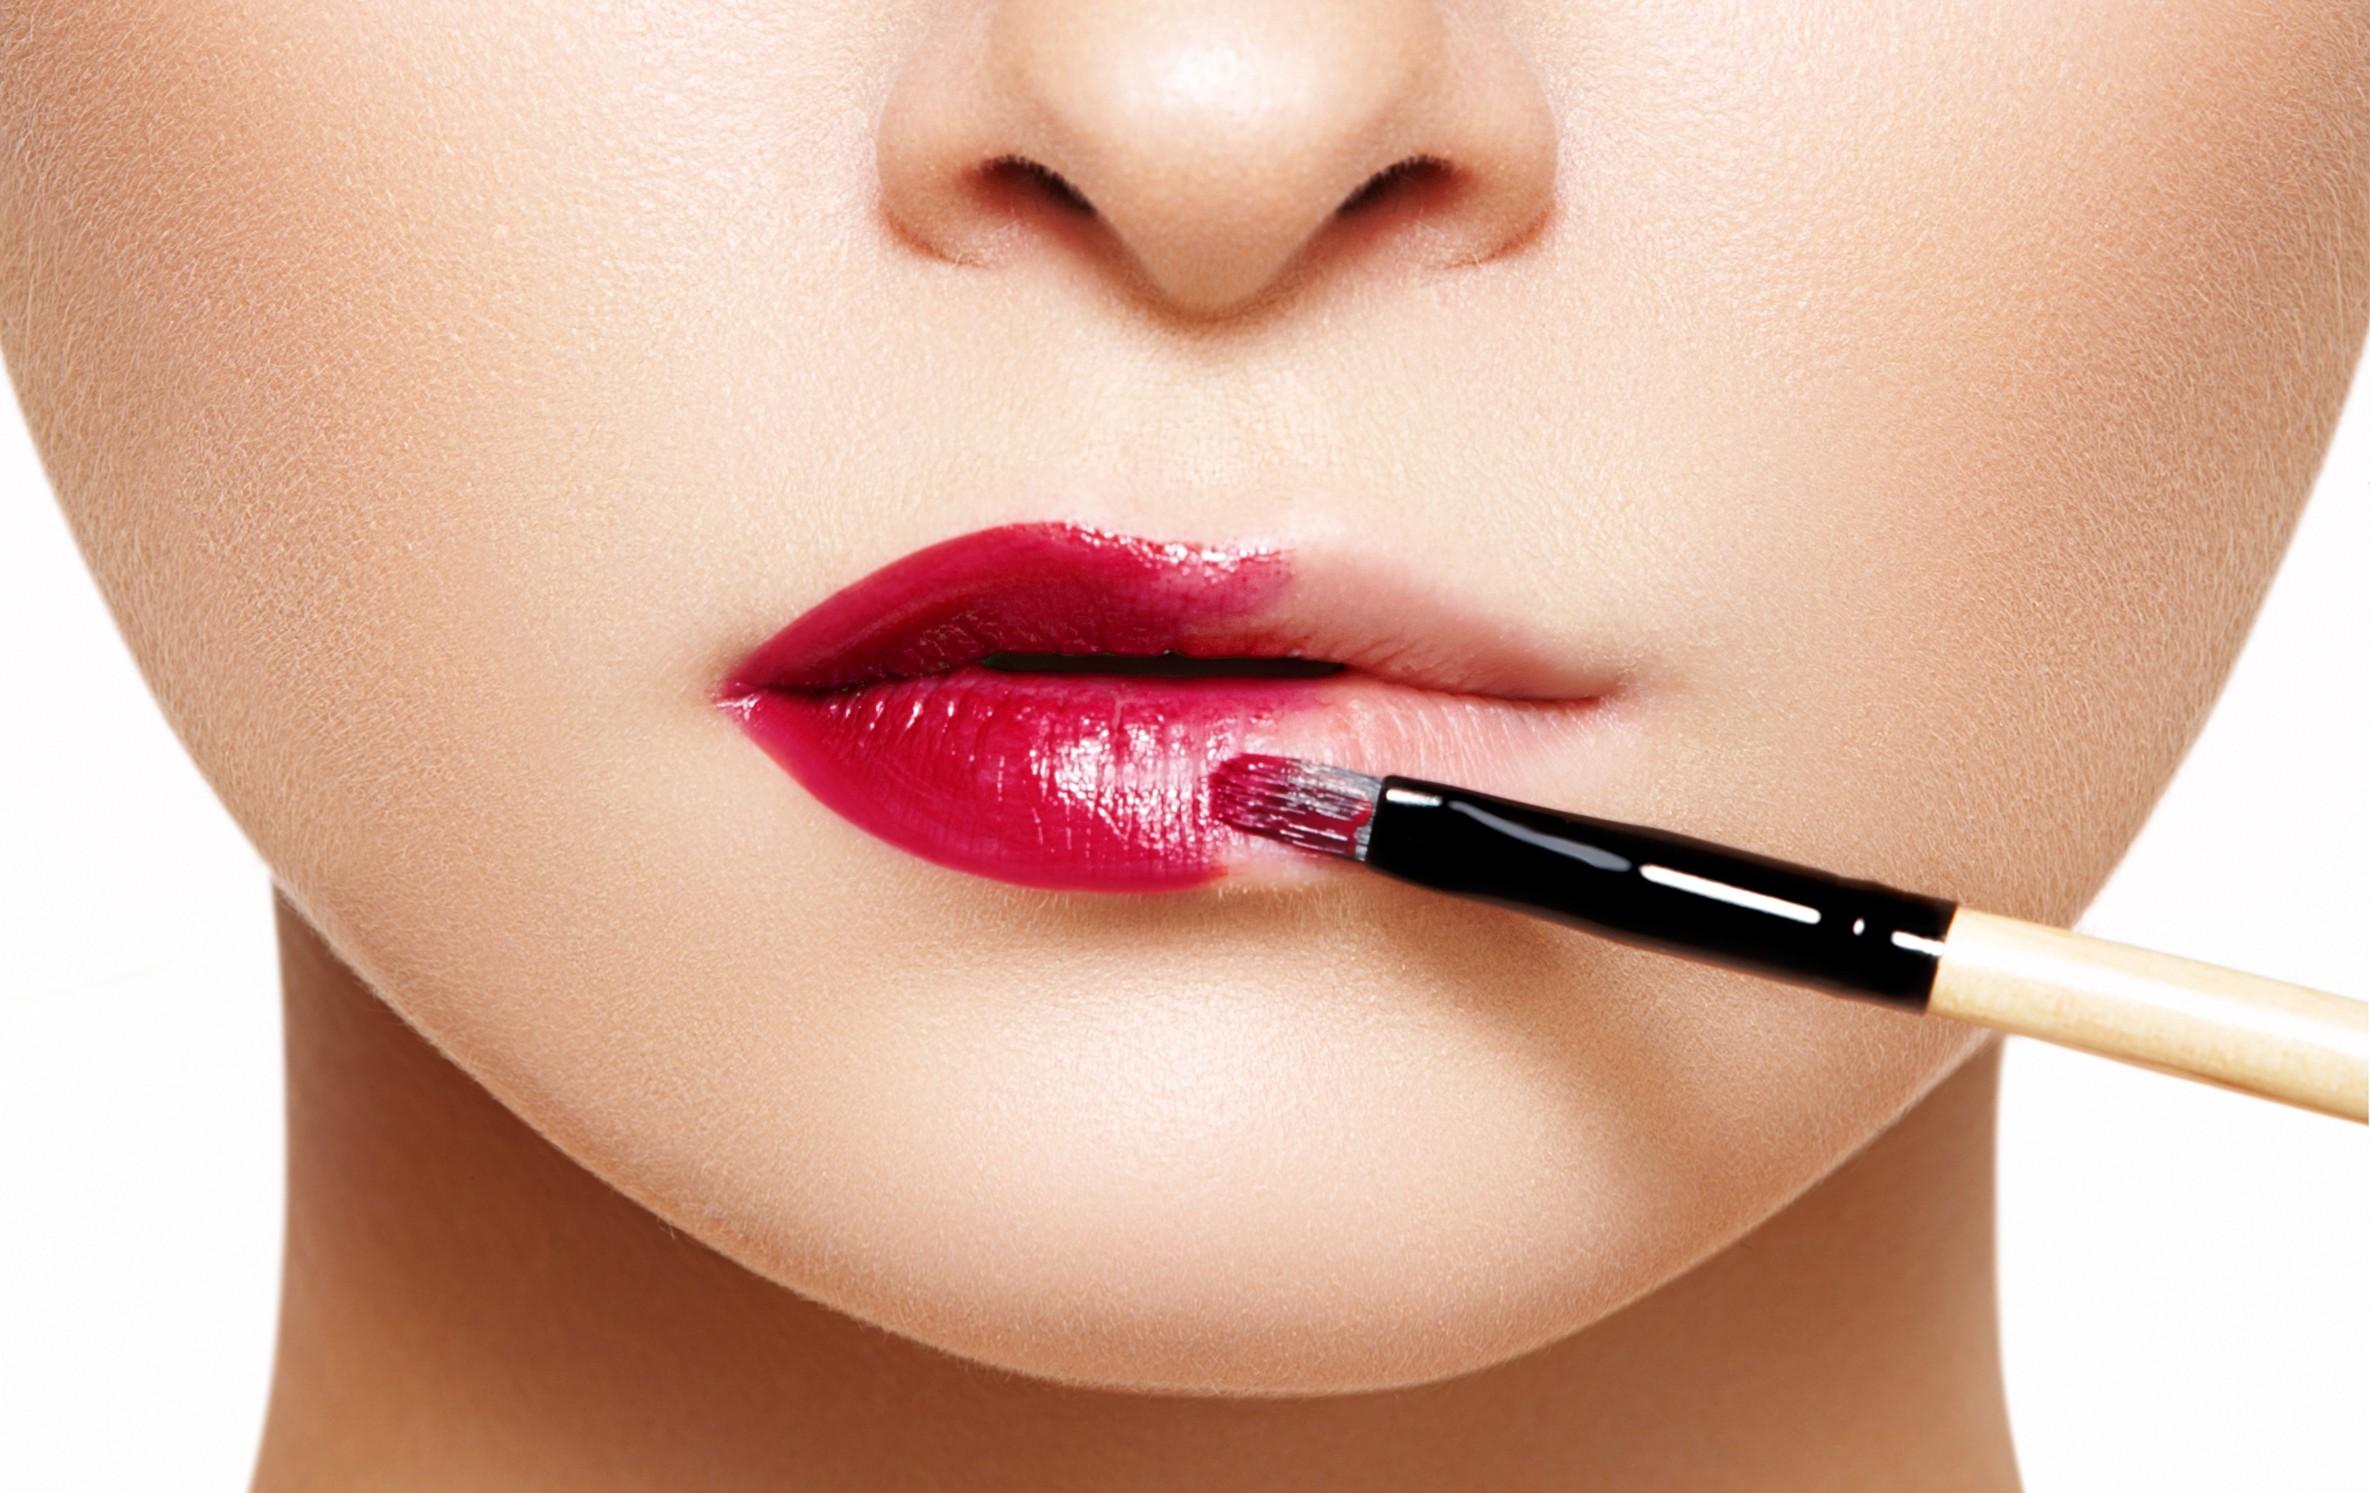 Соблазнительный макияж губ